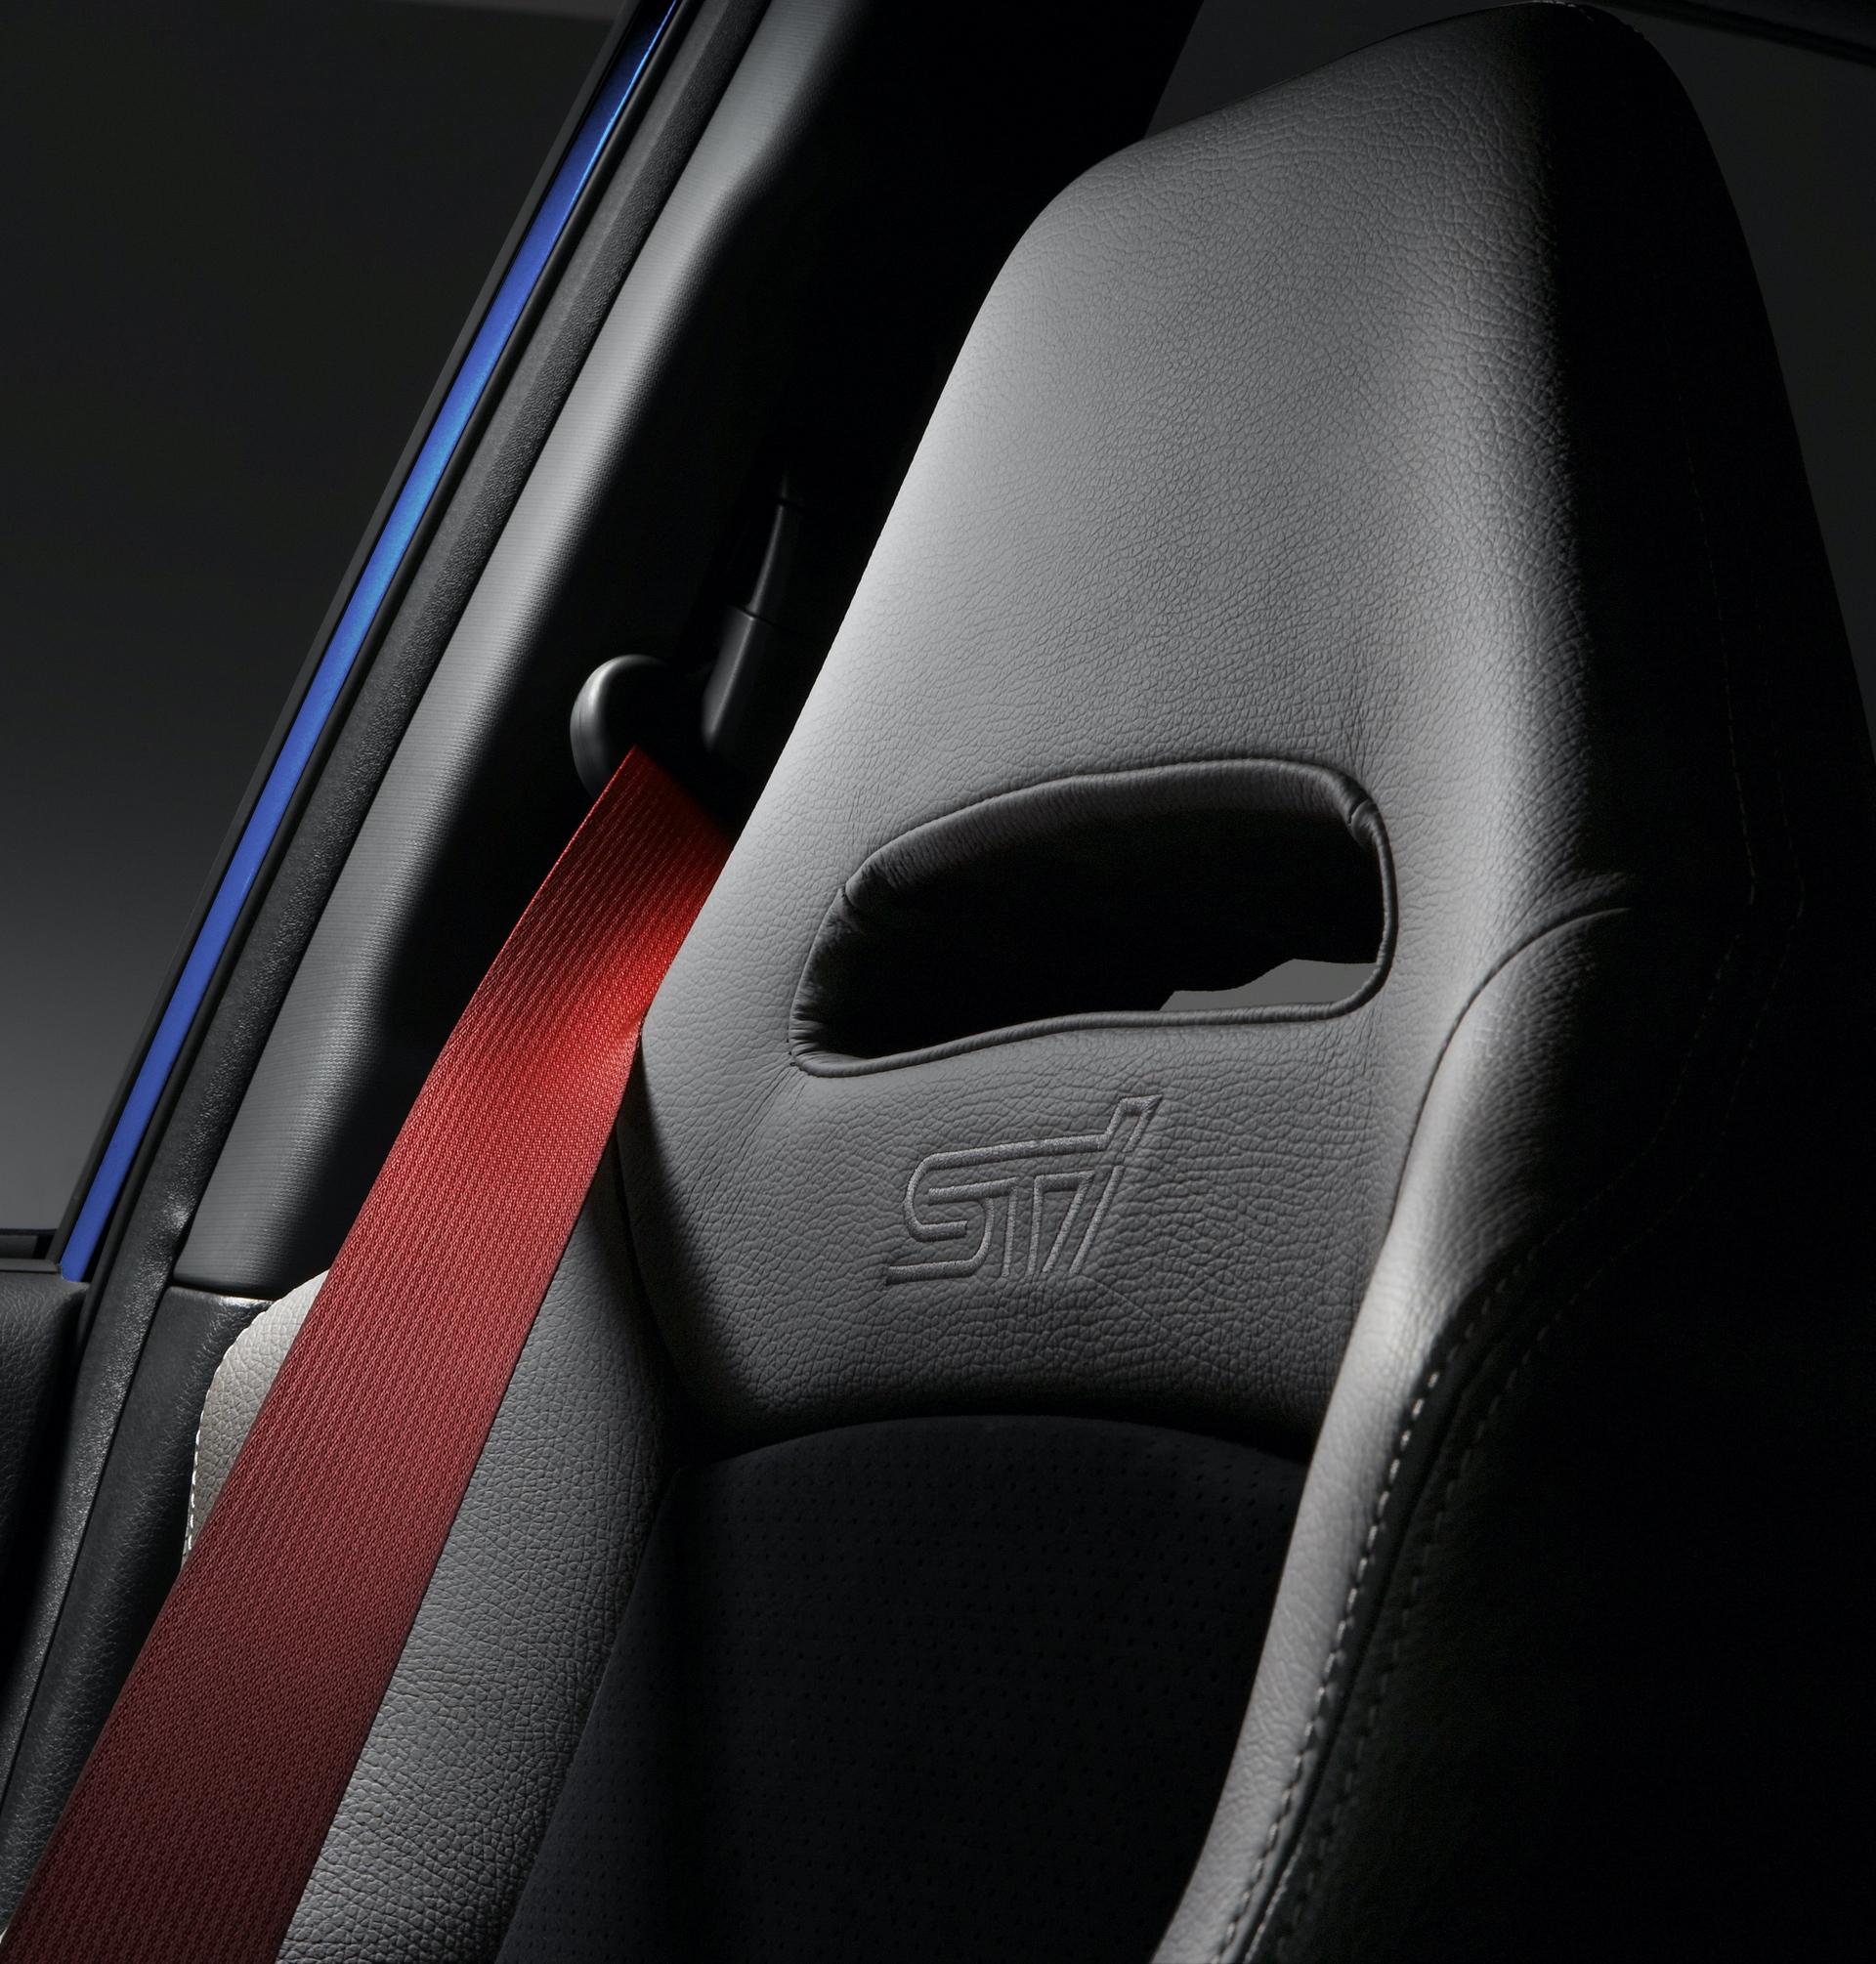 Subaru_Impreza_STI_S206_0022